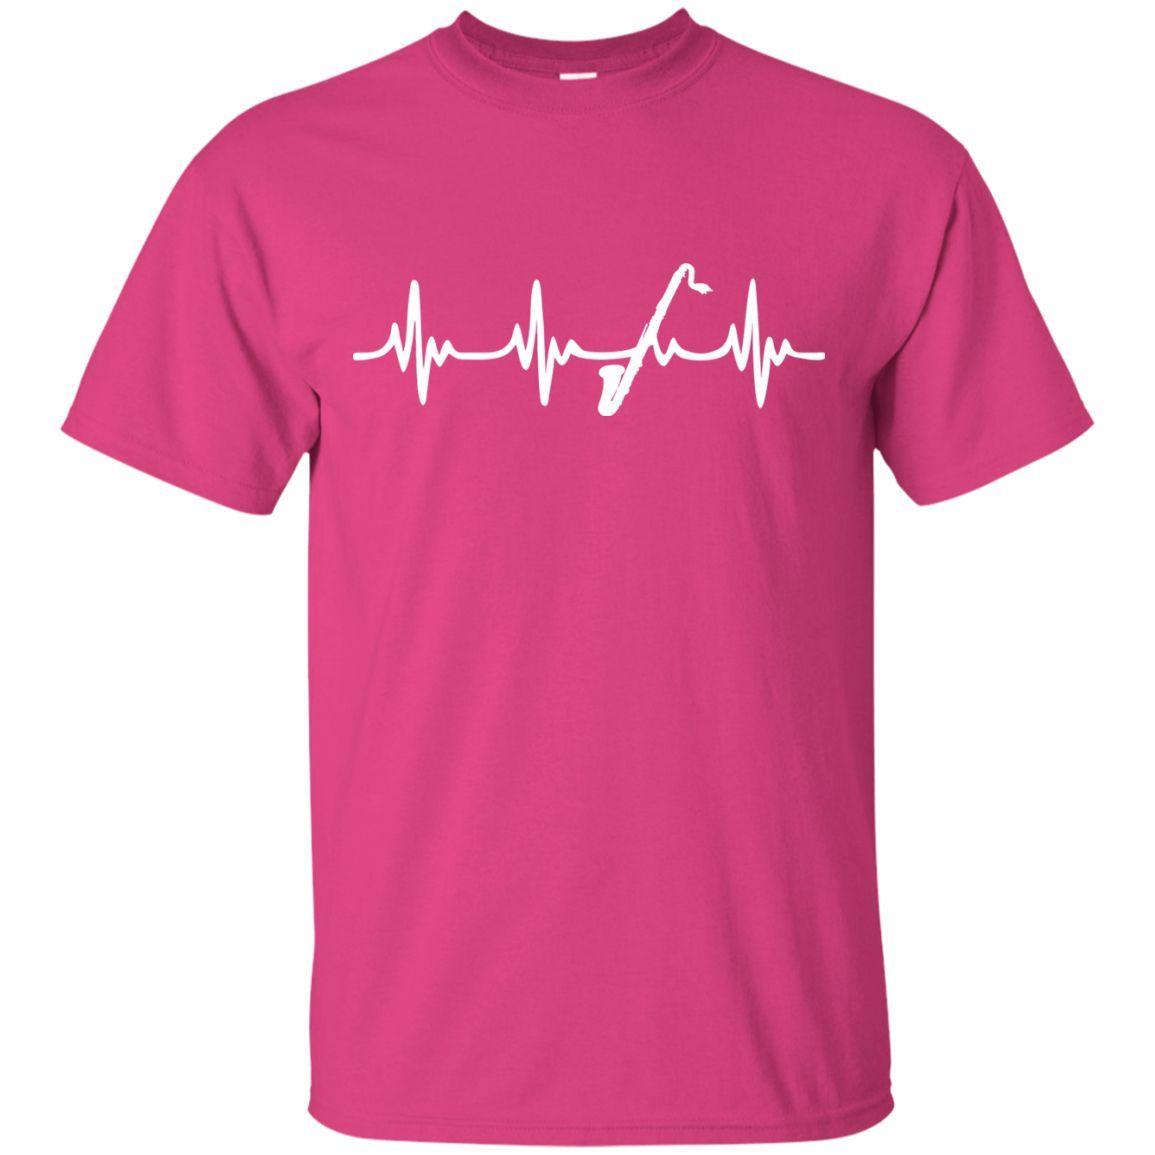 Bass Clarinet Heartbeat T-Shirt